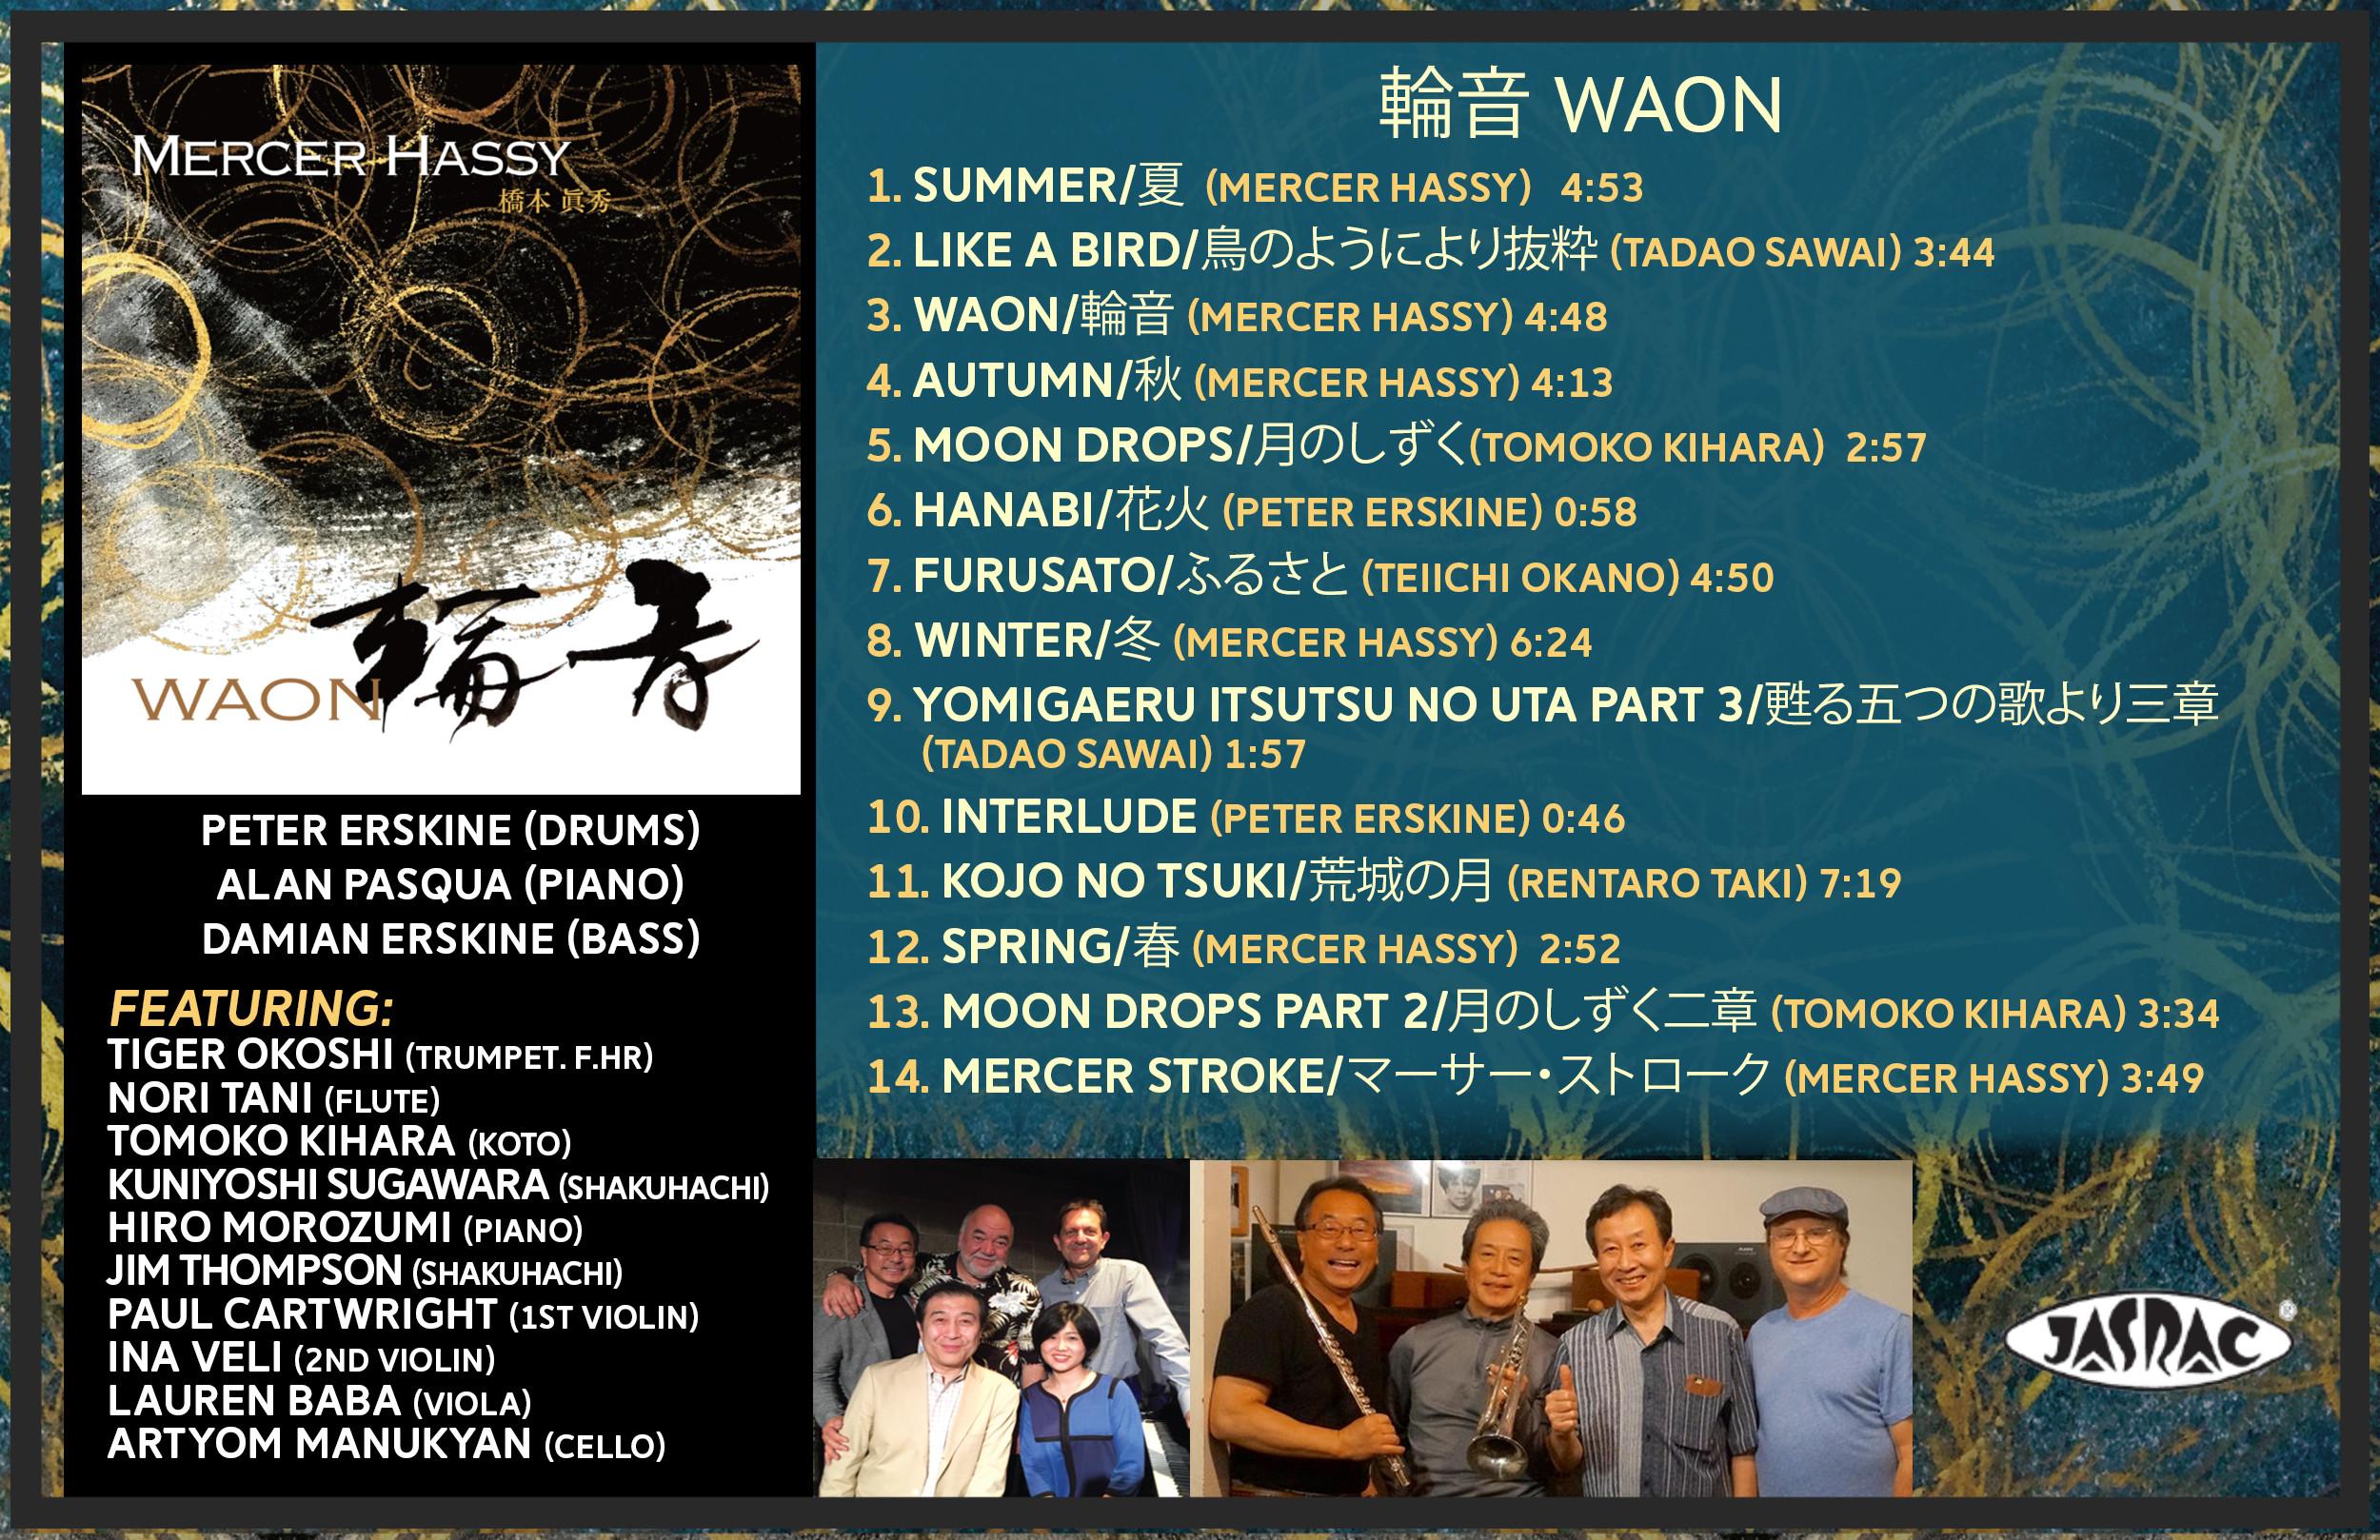 Mercer Hassy - Waon